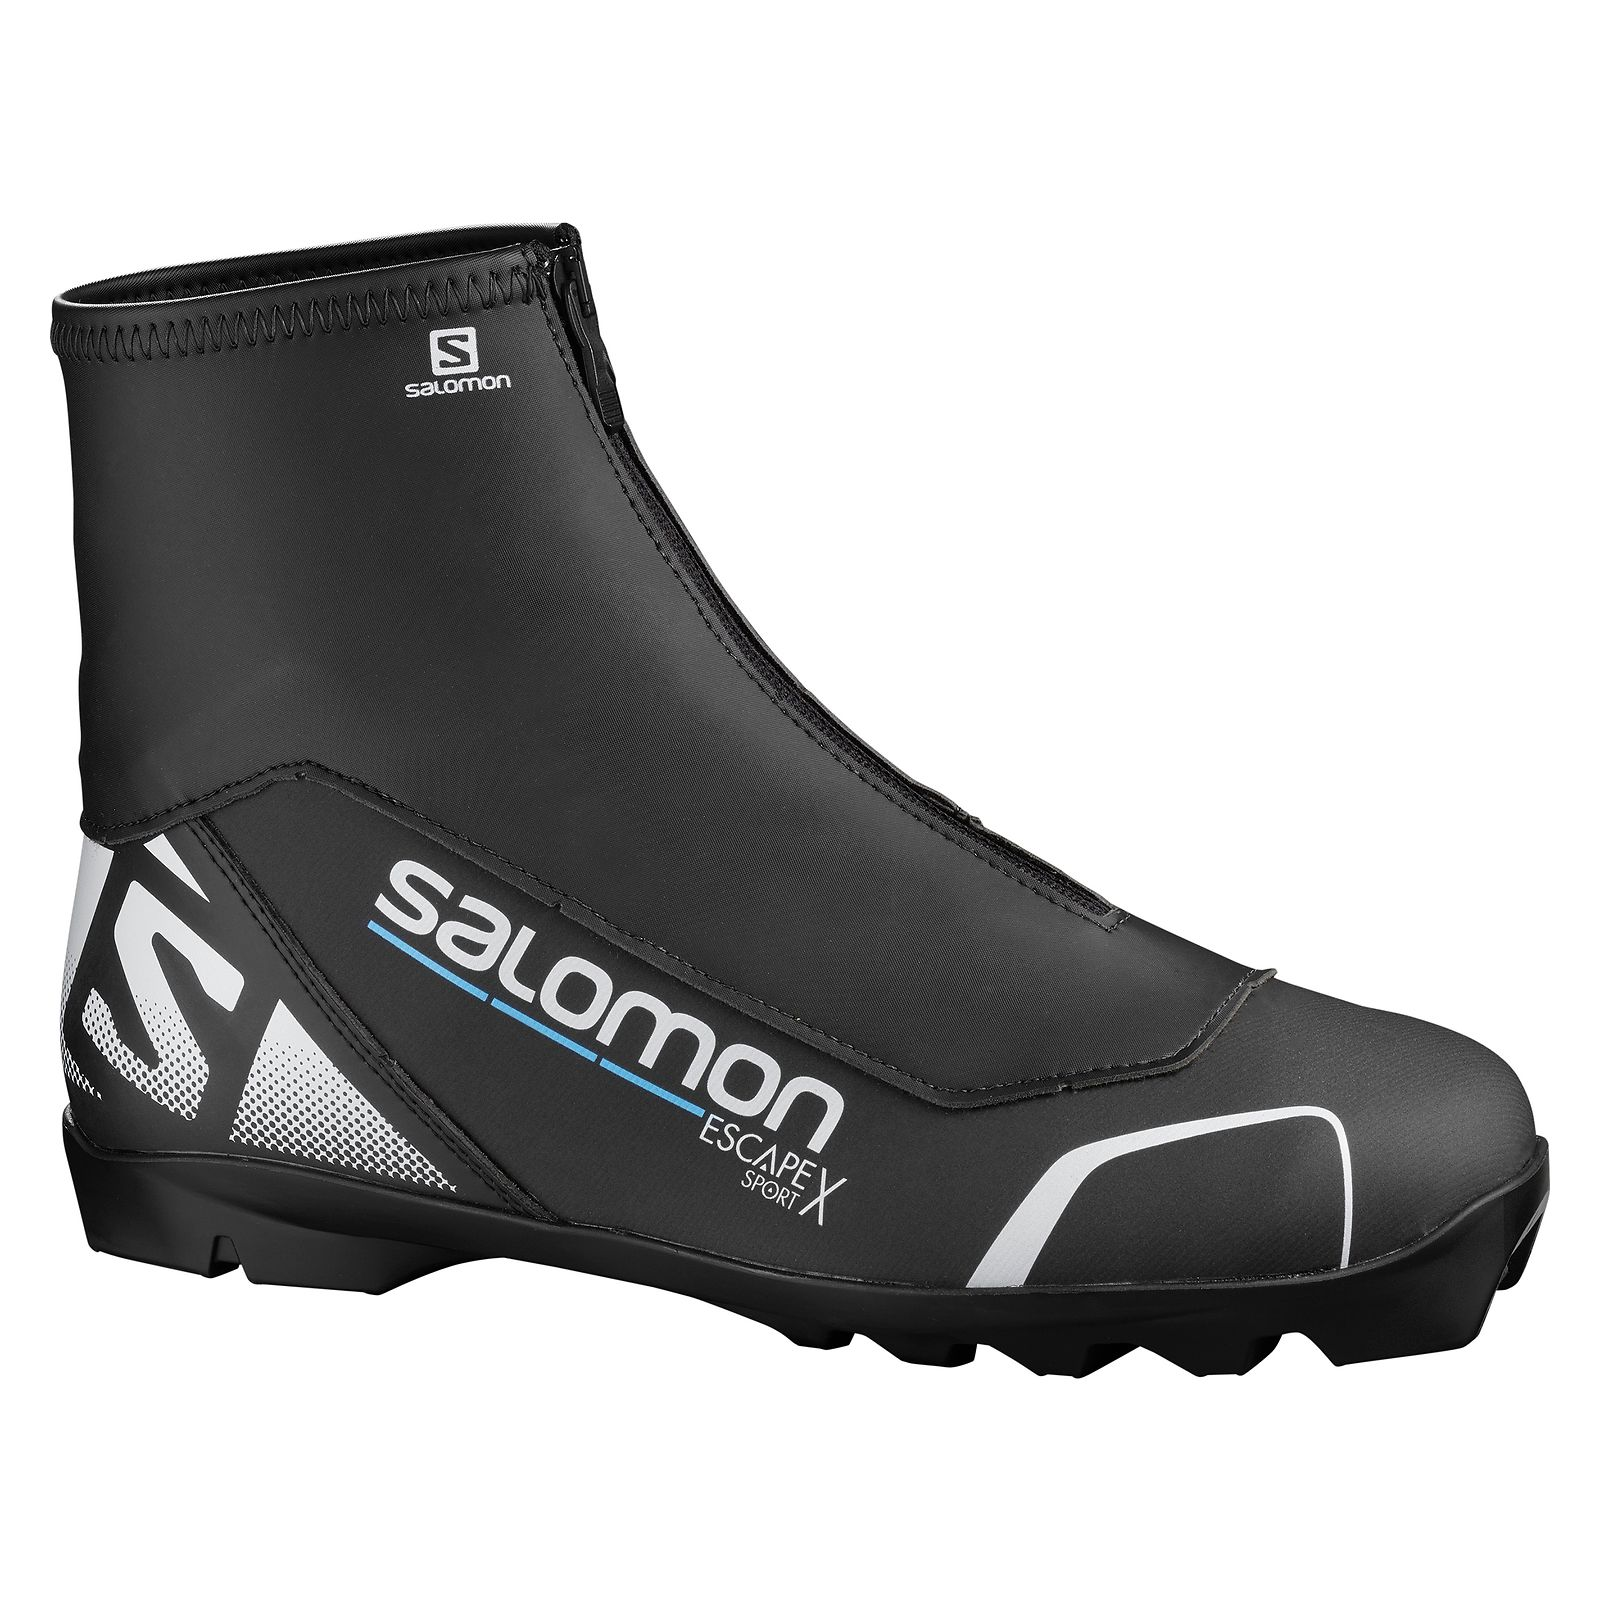 Buty Salomon Escape X Sport 409094